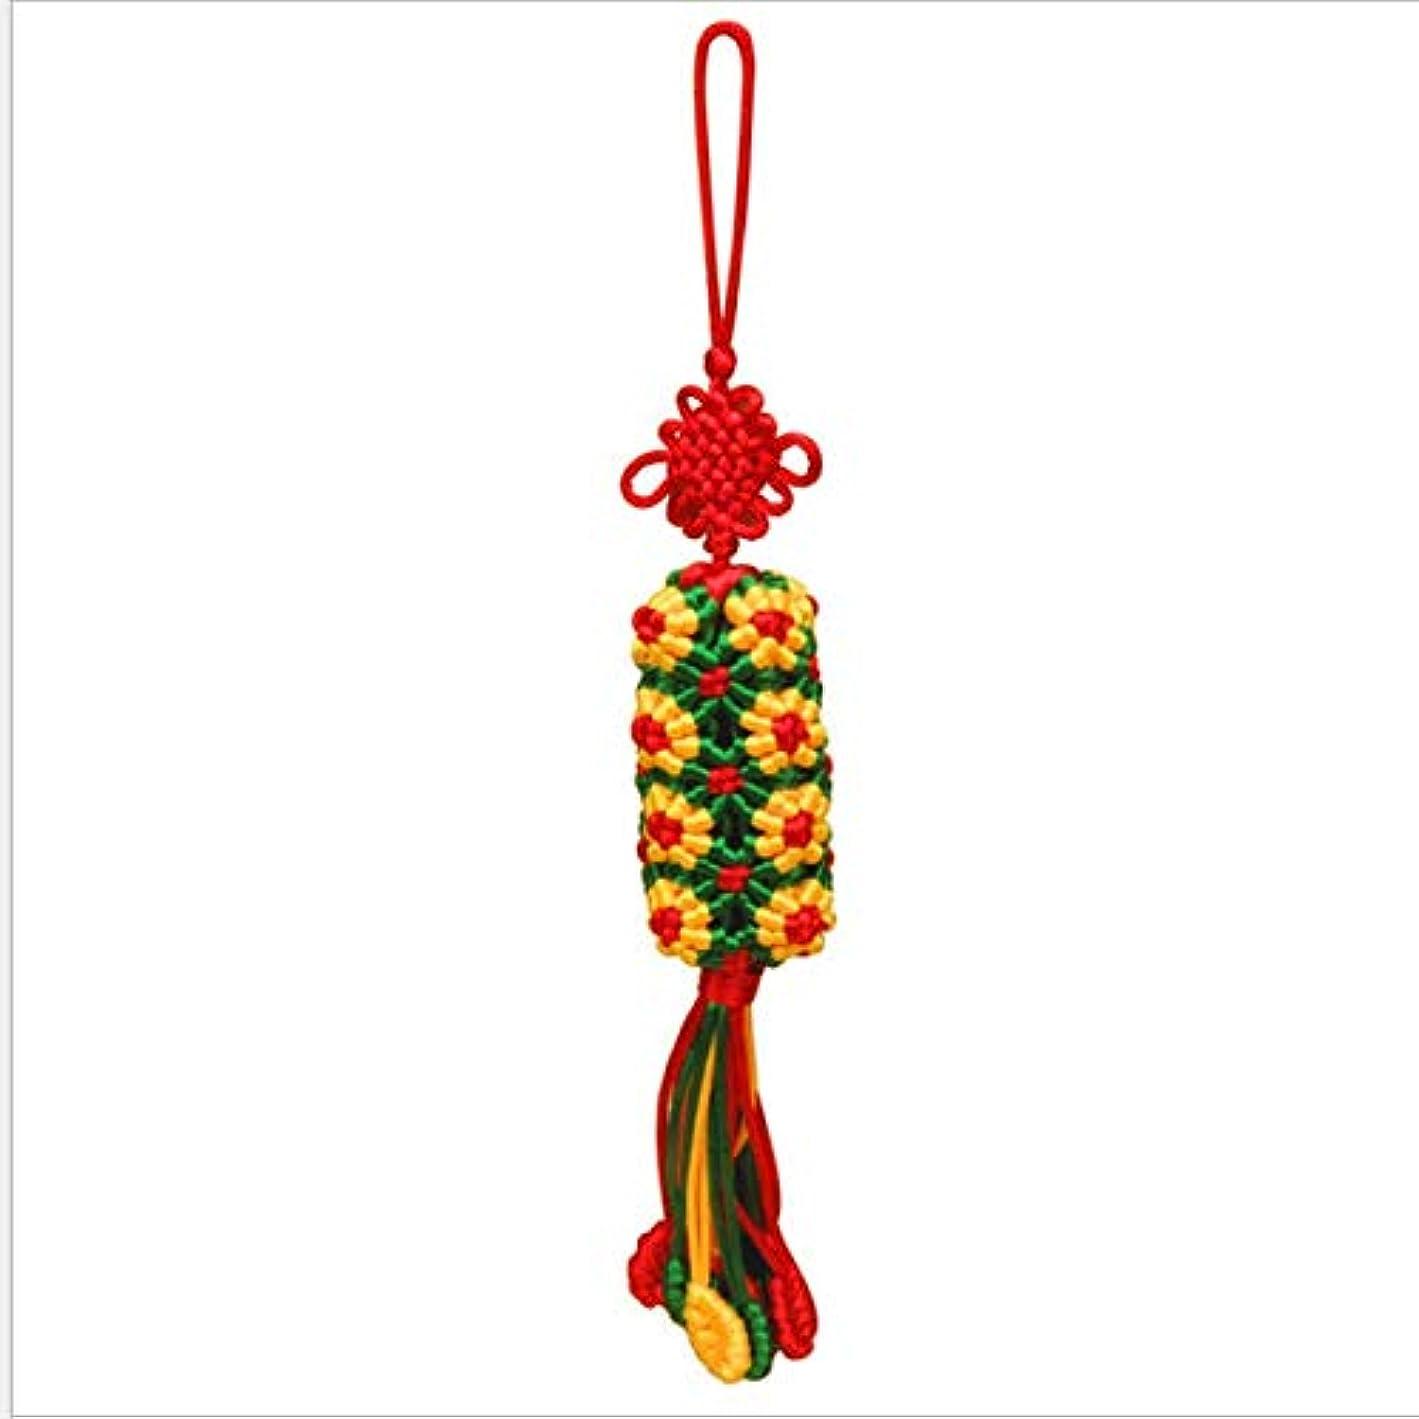 船上検出する寺院Hongyuantongxun 1パック、カラフルなロープの手編みの小さなペンダント、ひまわりのペンダント、フリンジサテンのチャイニーズノット(赤),、装飾品ペンダント (Color : Red)